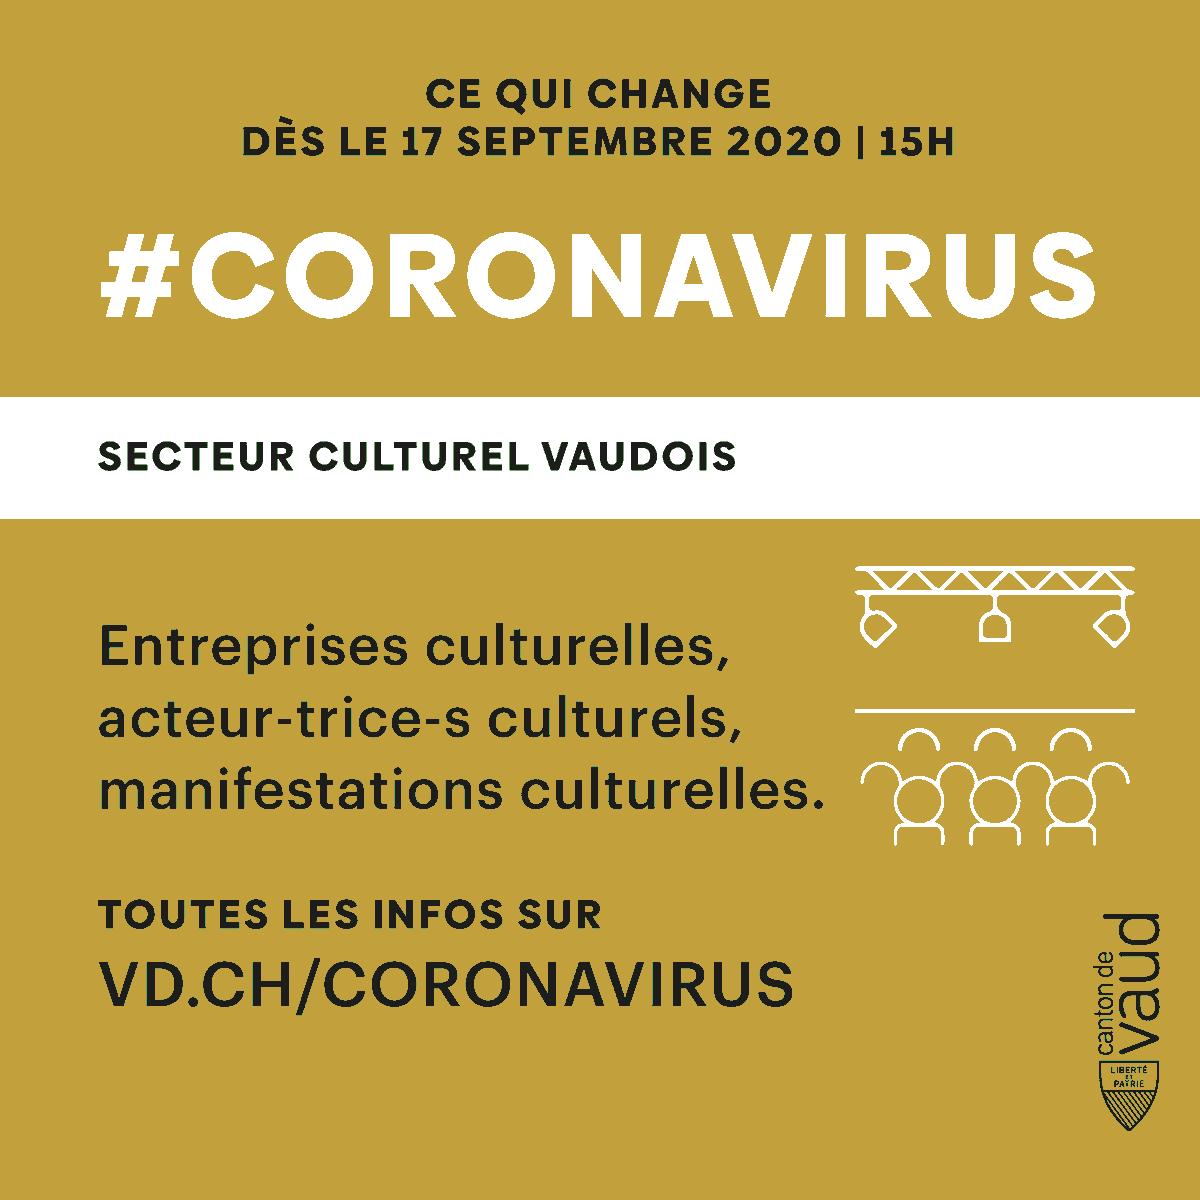 #Covid19 - SECTEUR CULTUREL VAUDOIS Ce qui change dès le 17 septembre dans le canton de Vaud. Entreprises culturelles, acteurs et actrices culturels, retrouvez toutes les infos sur https://t.co/rSVs5WUWWK https://t.co/HyEyA03QlE